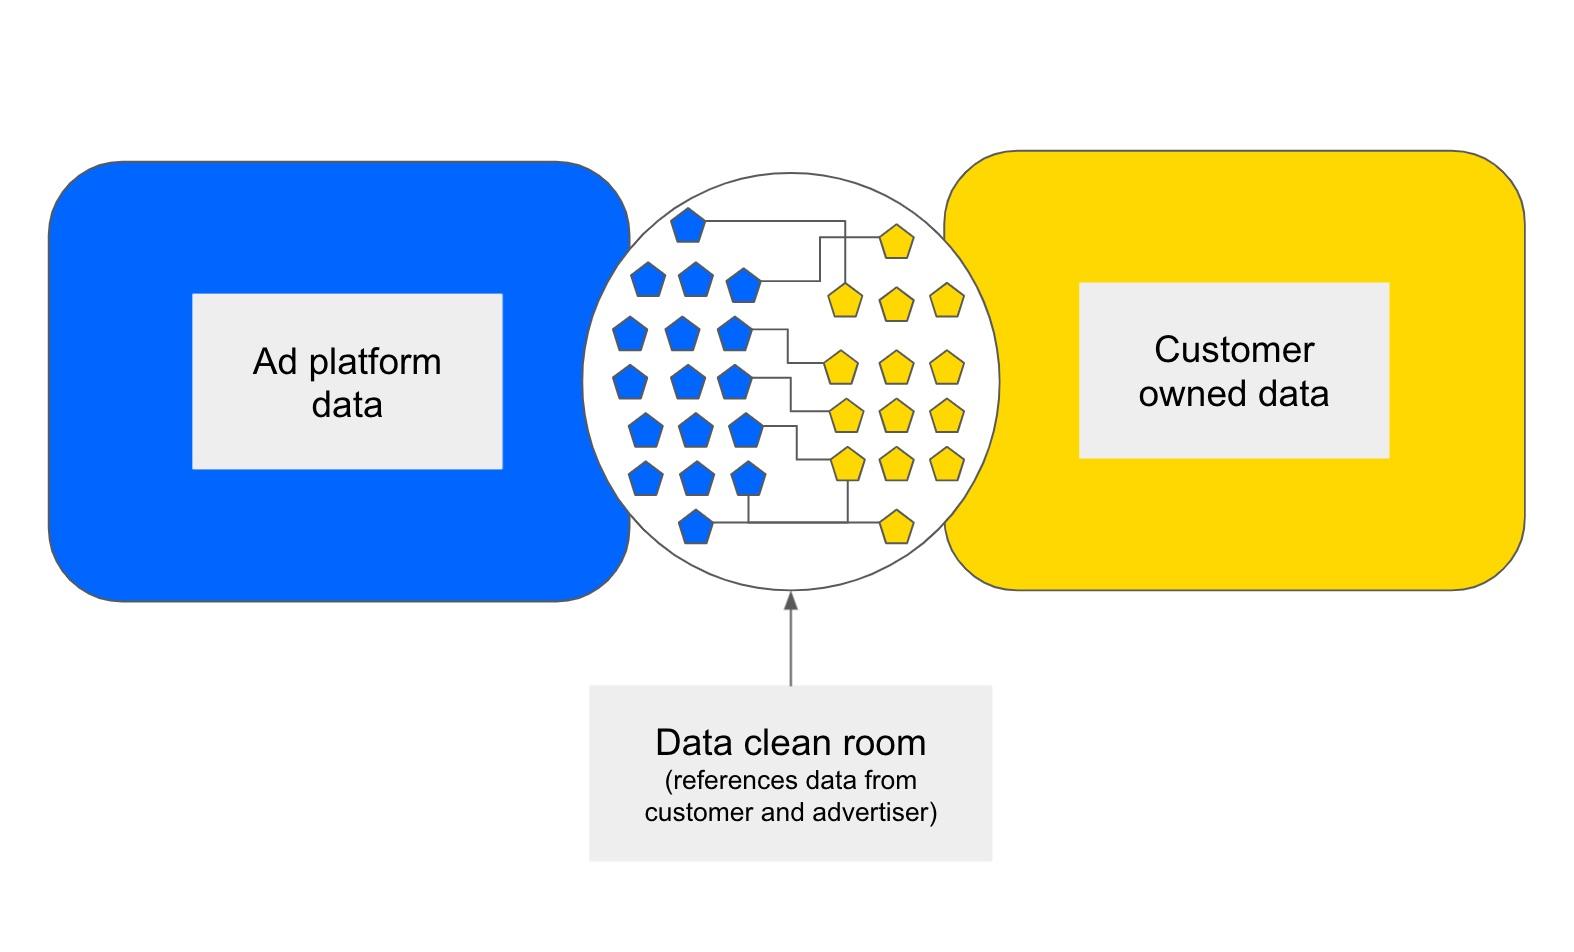 Visualización de sala limpia de datos.